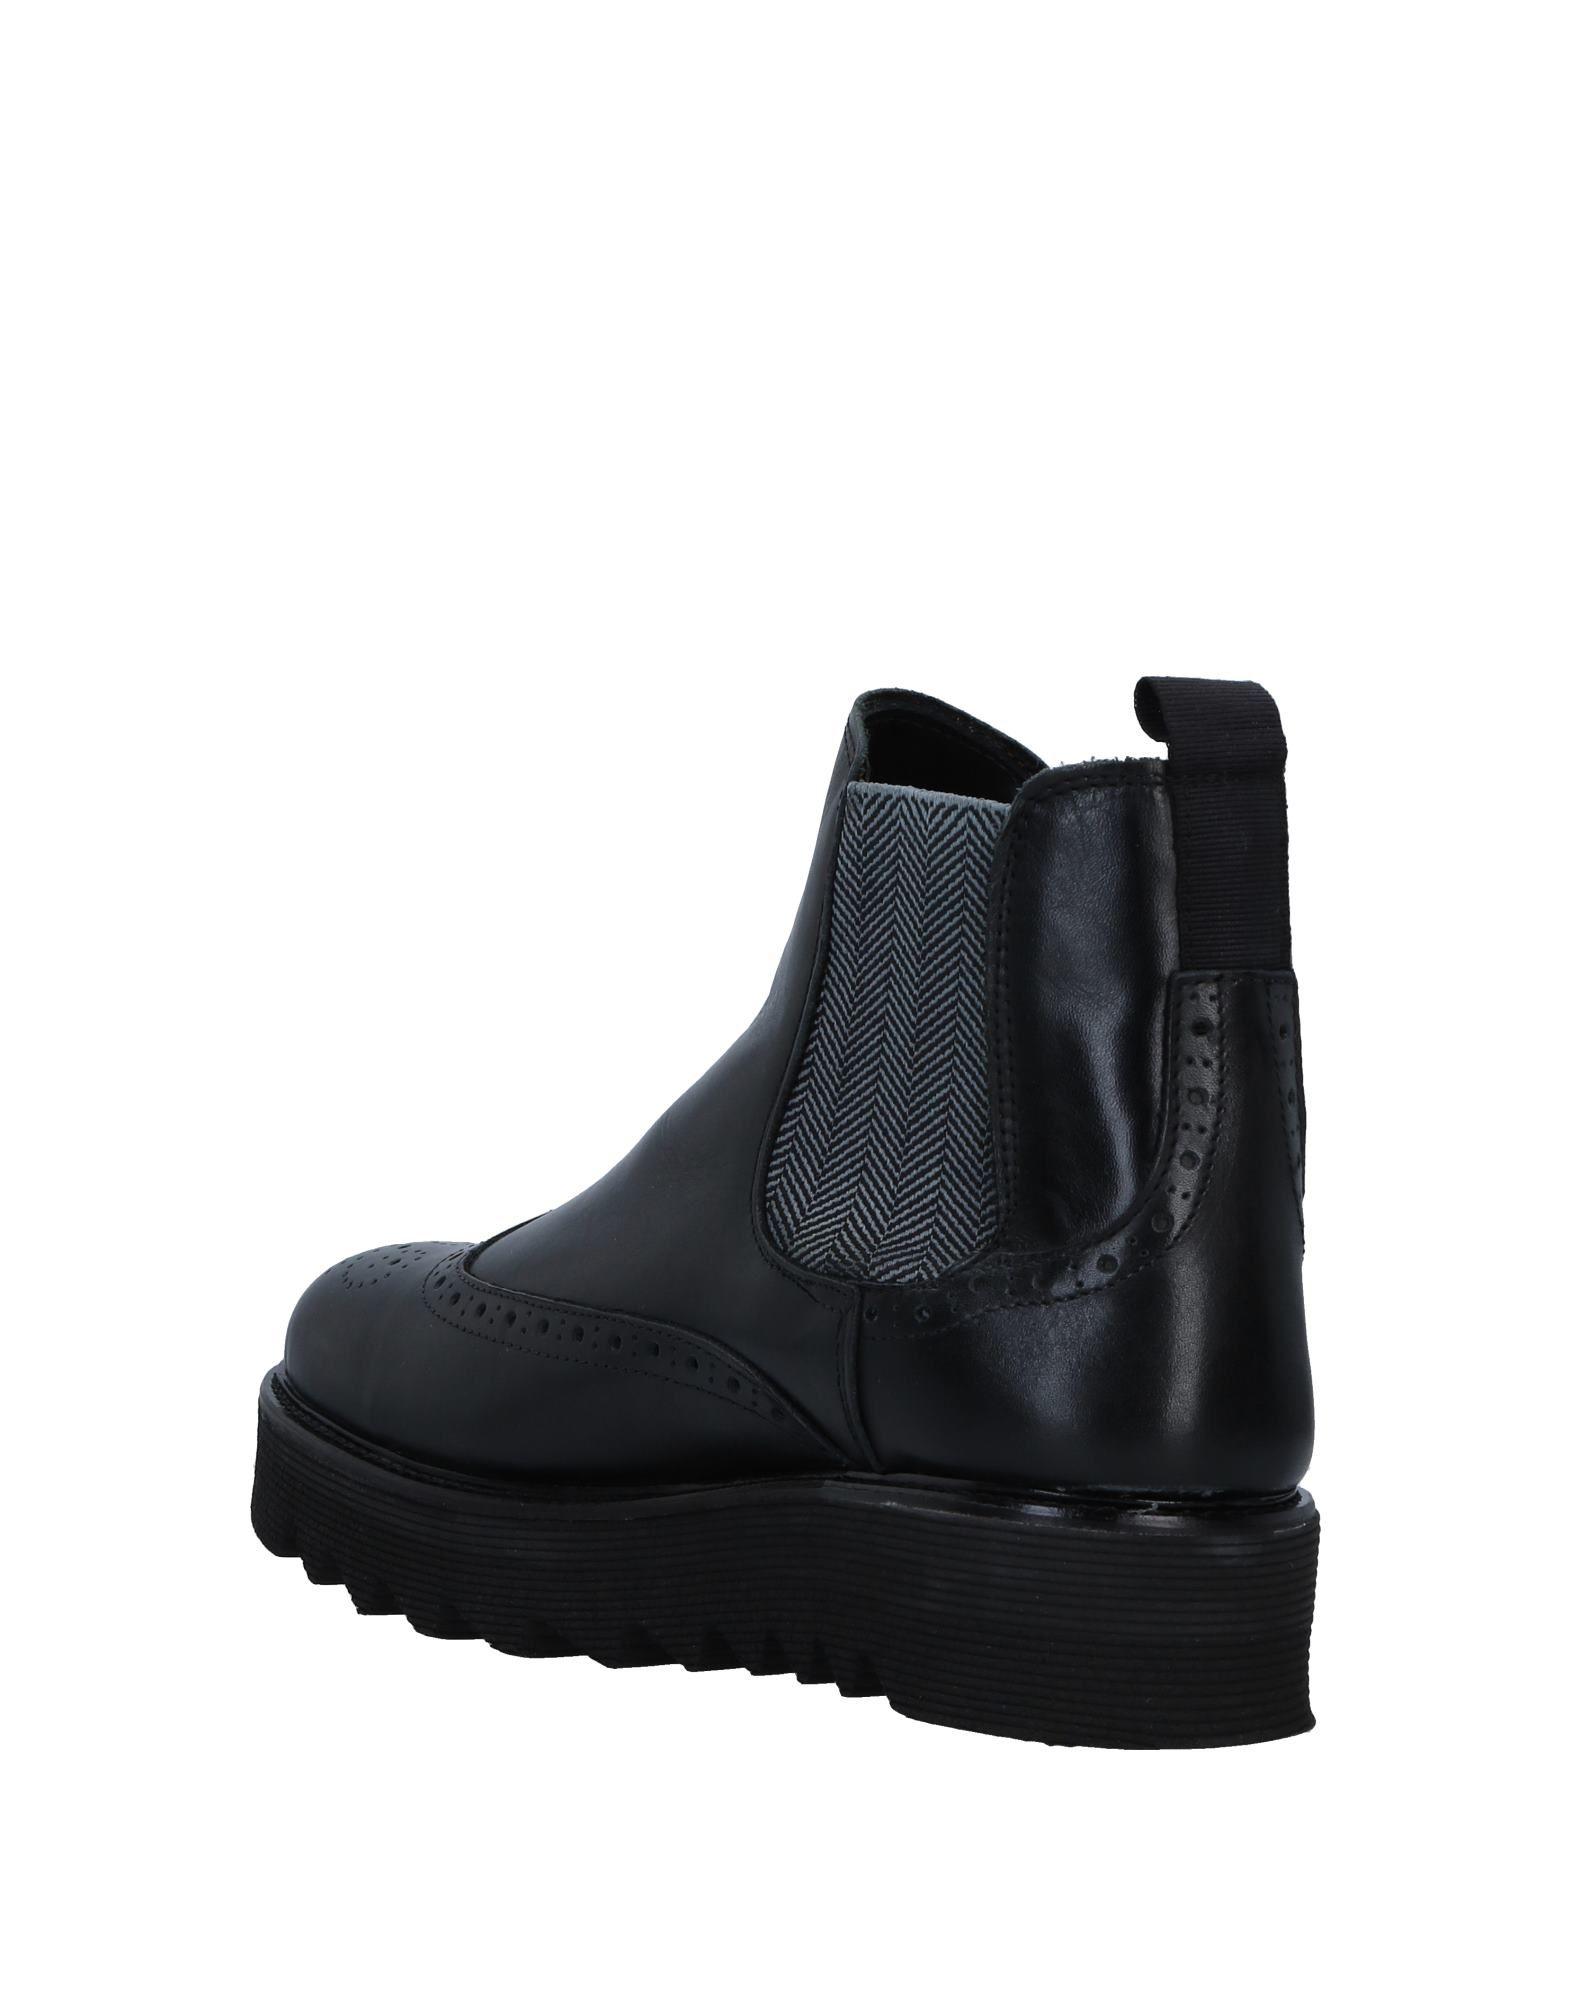 Bottega Marchigiana Stiefelette Herren  11542400KC Gute Qualität beliebte Schuhe